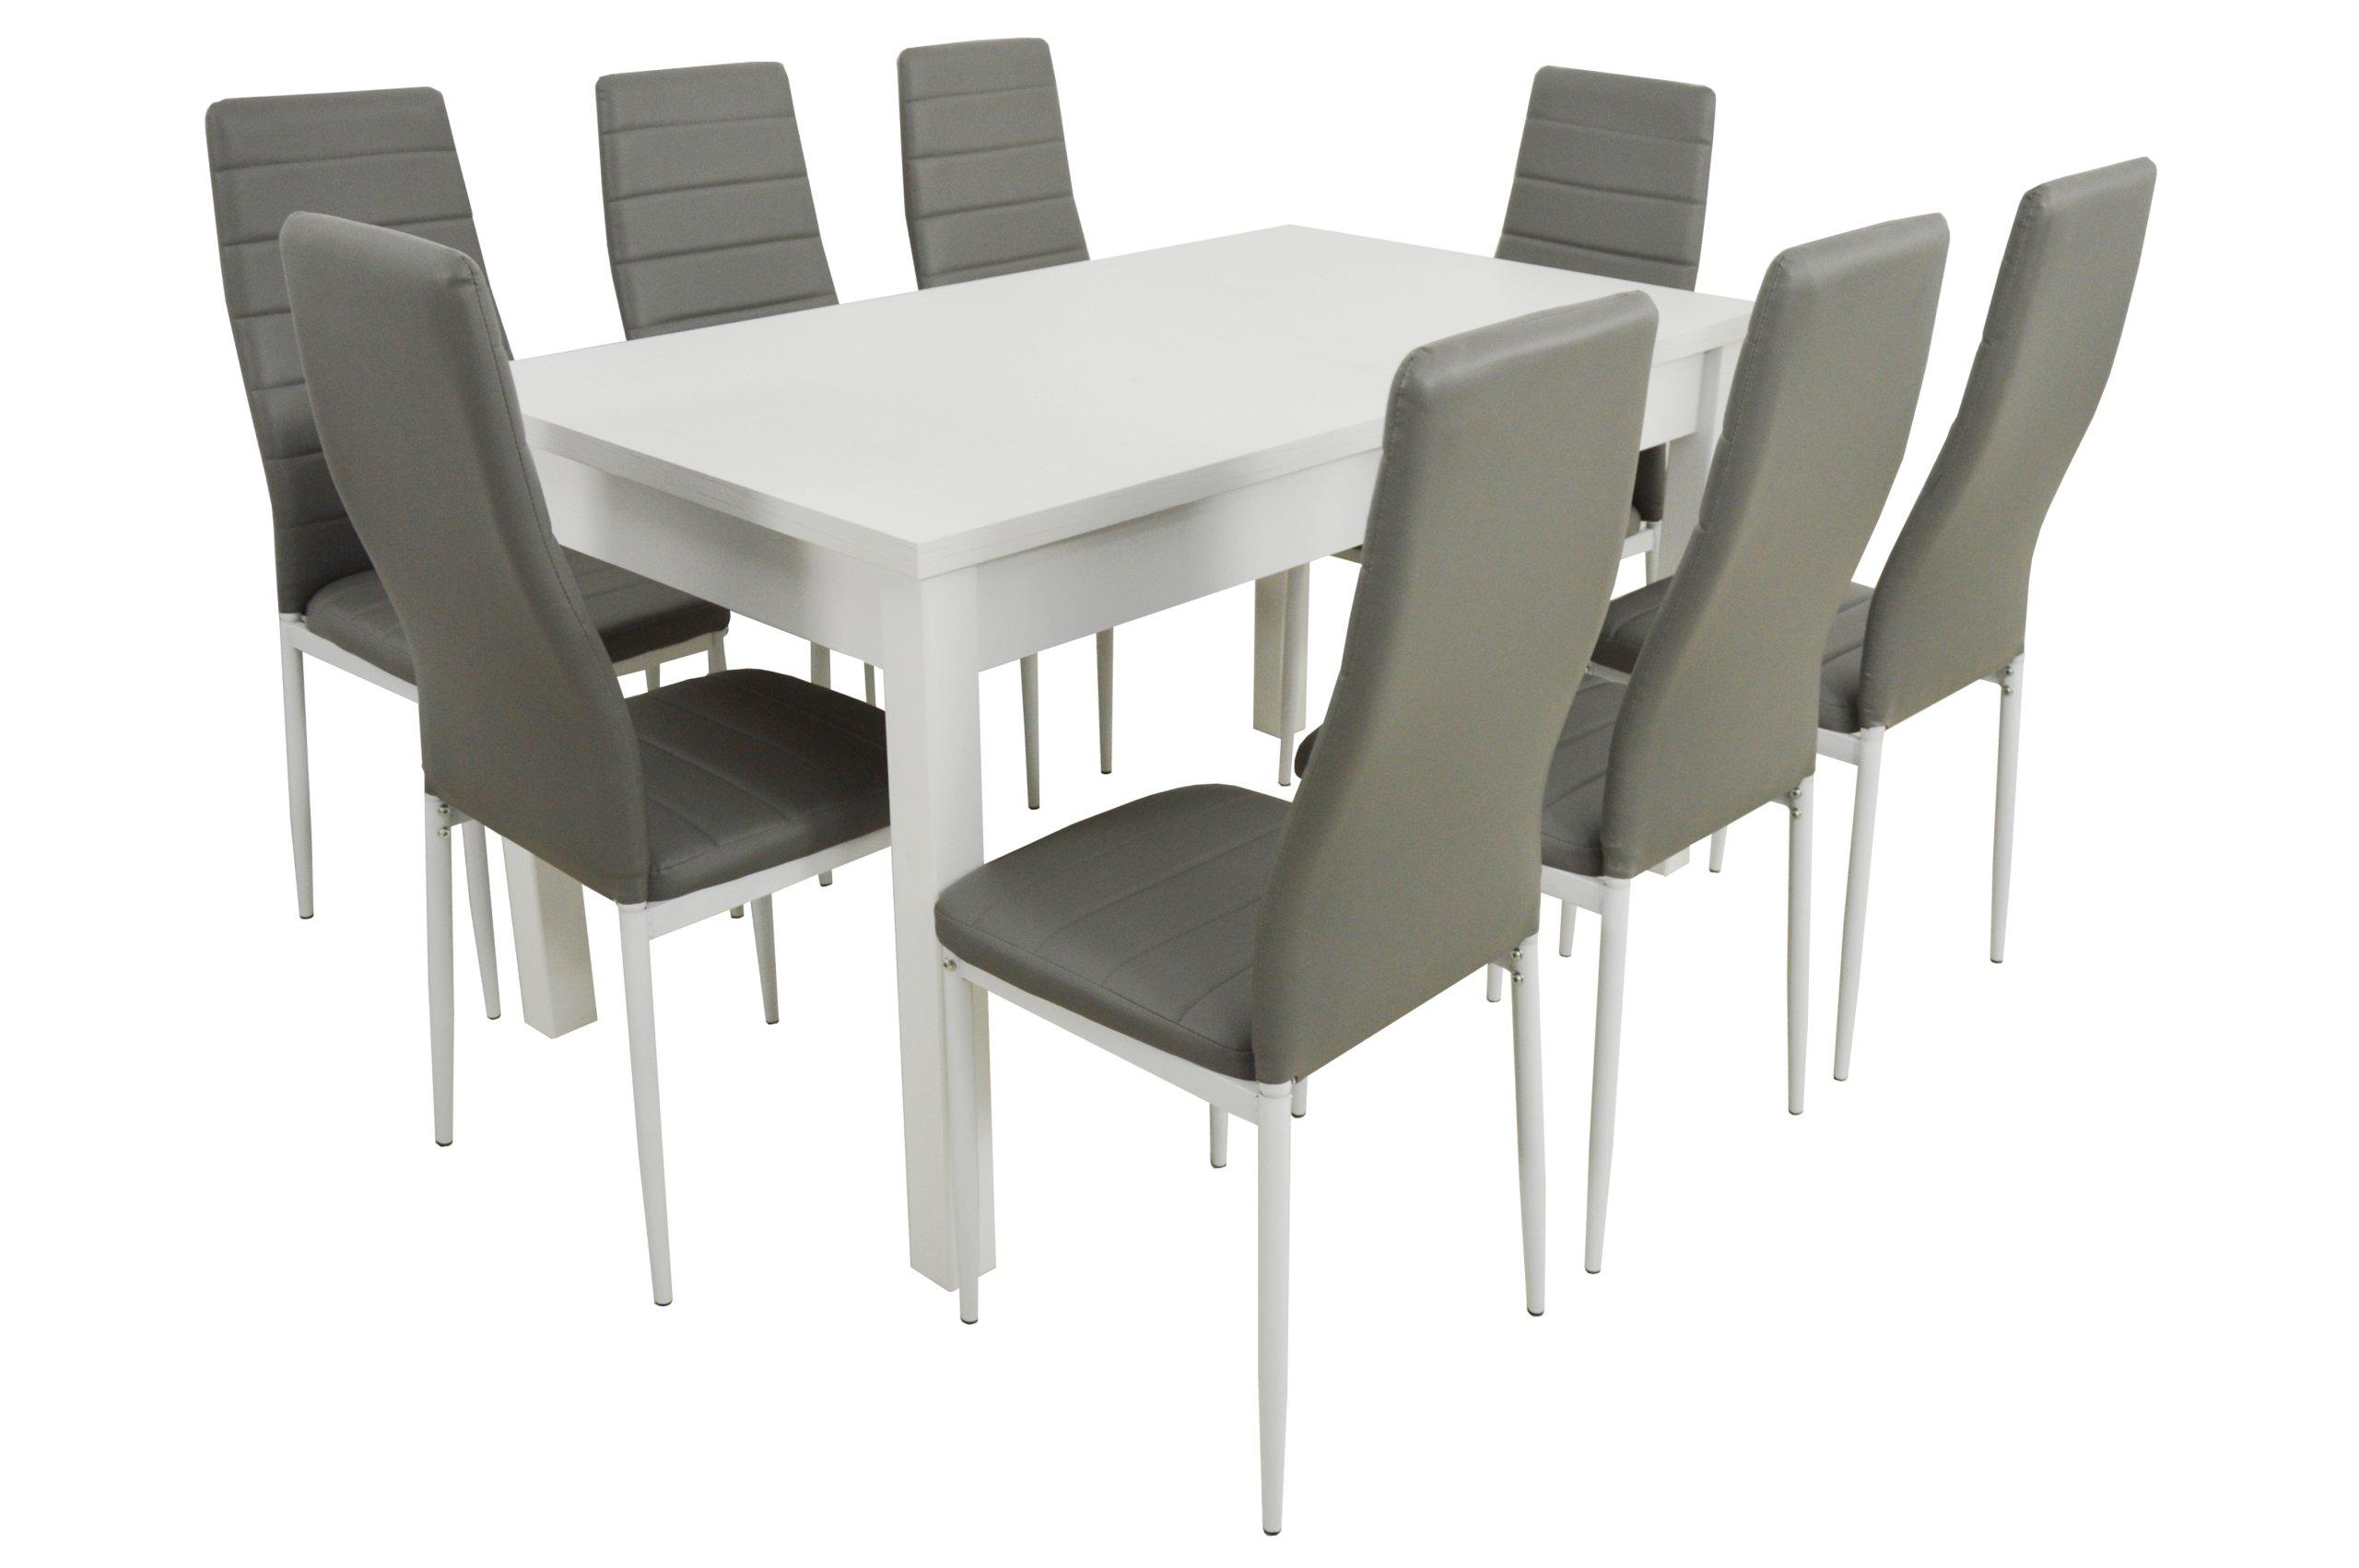 Krzesła Stół Składany Do Kuchni Jadalni 80x140180